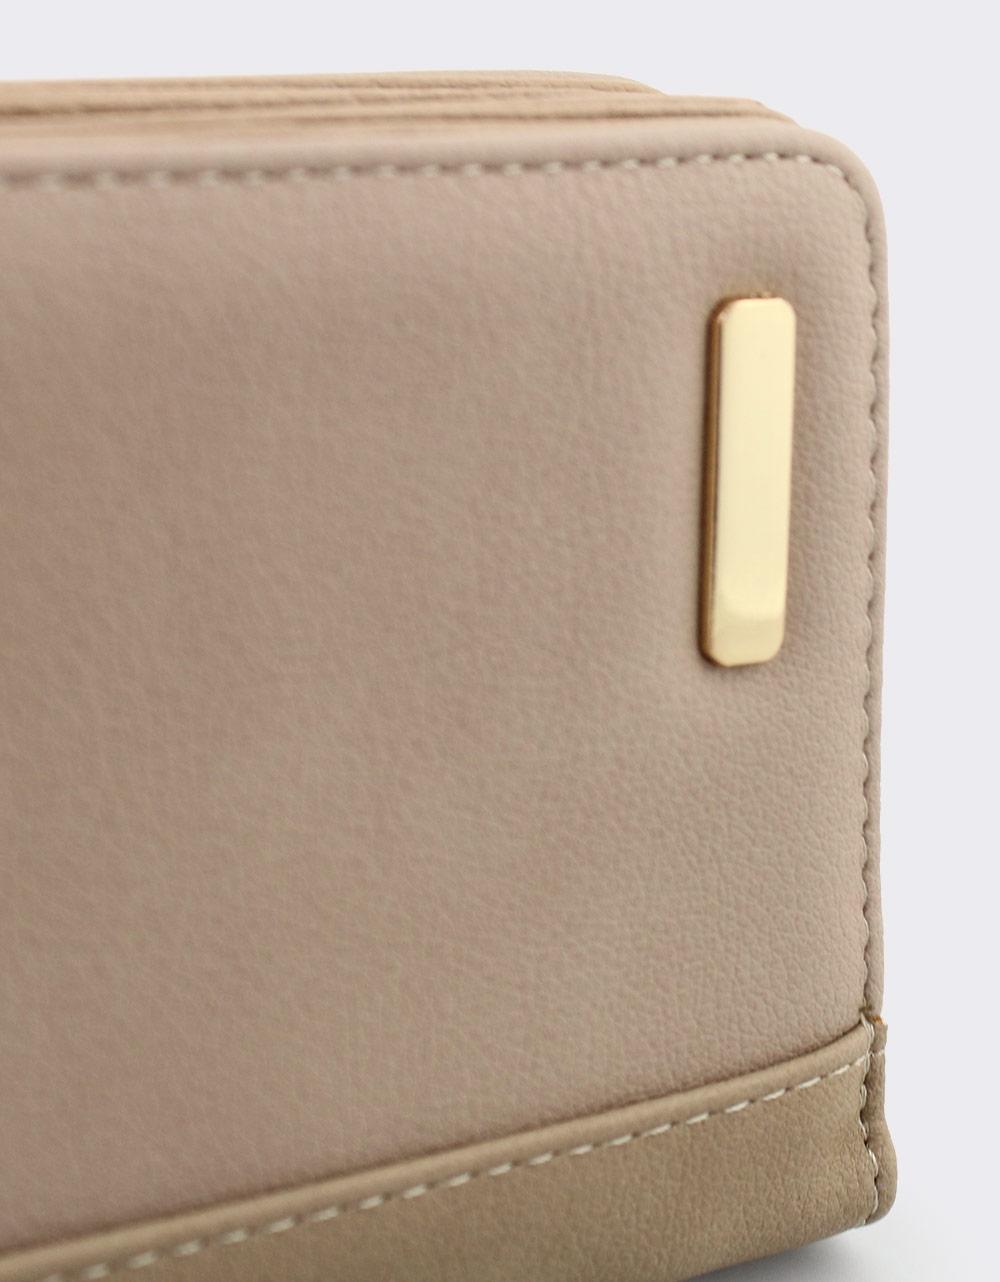 Εικόνα από Γυναικεία πορτοφόλια με λεπτομέρεια από ραφή Πούρο